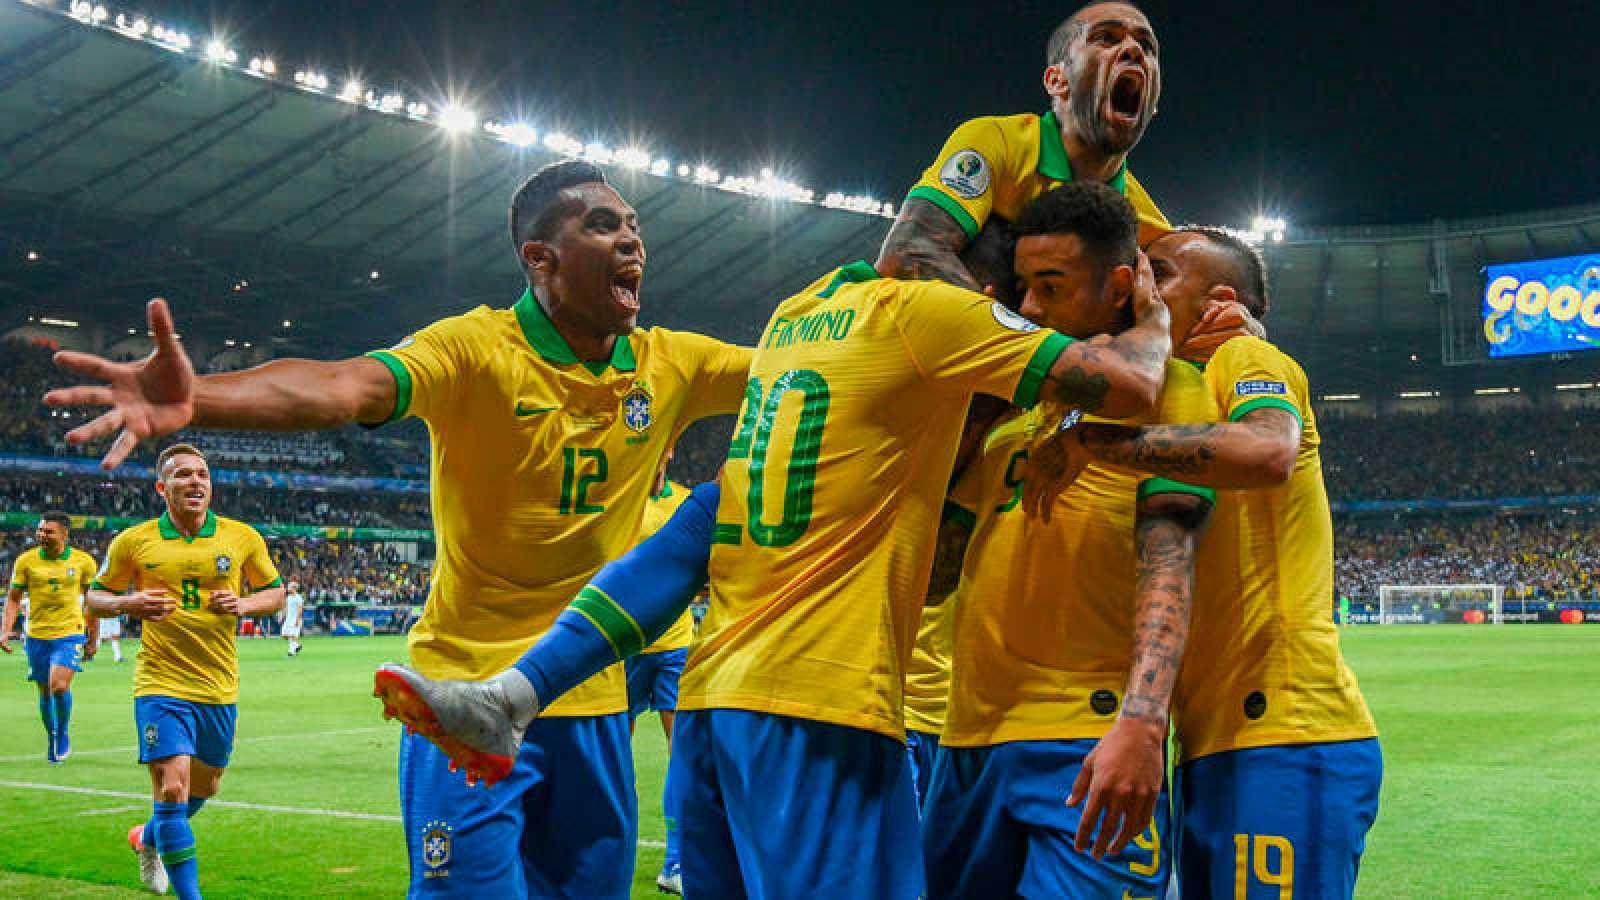 Brasil vence a Argentina y vuelve a una final de Copa América 12 años después